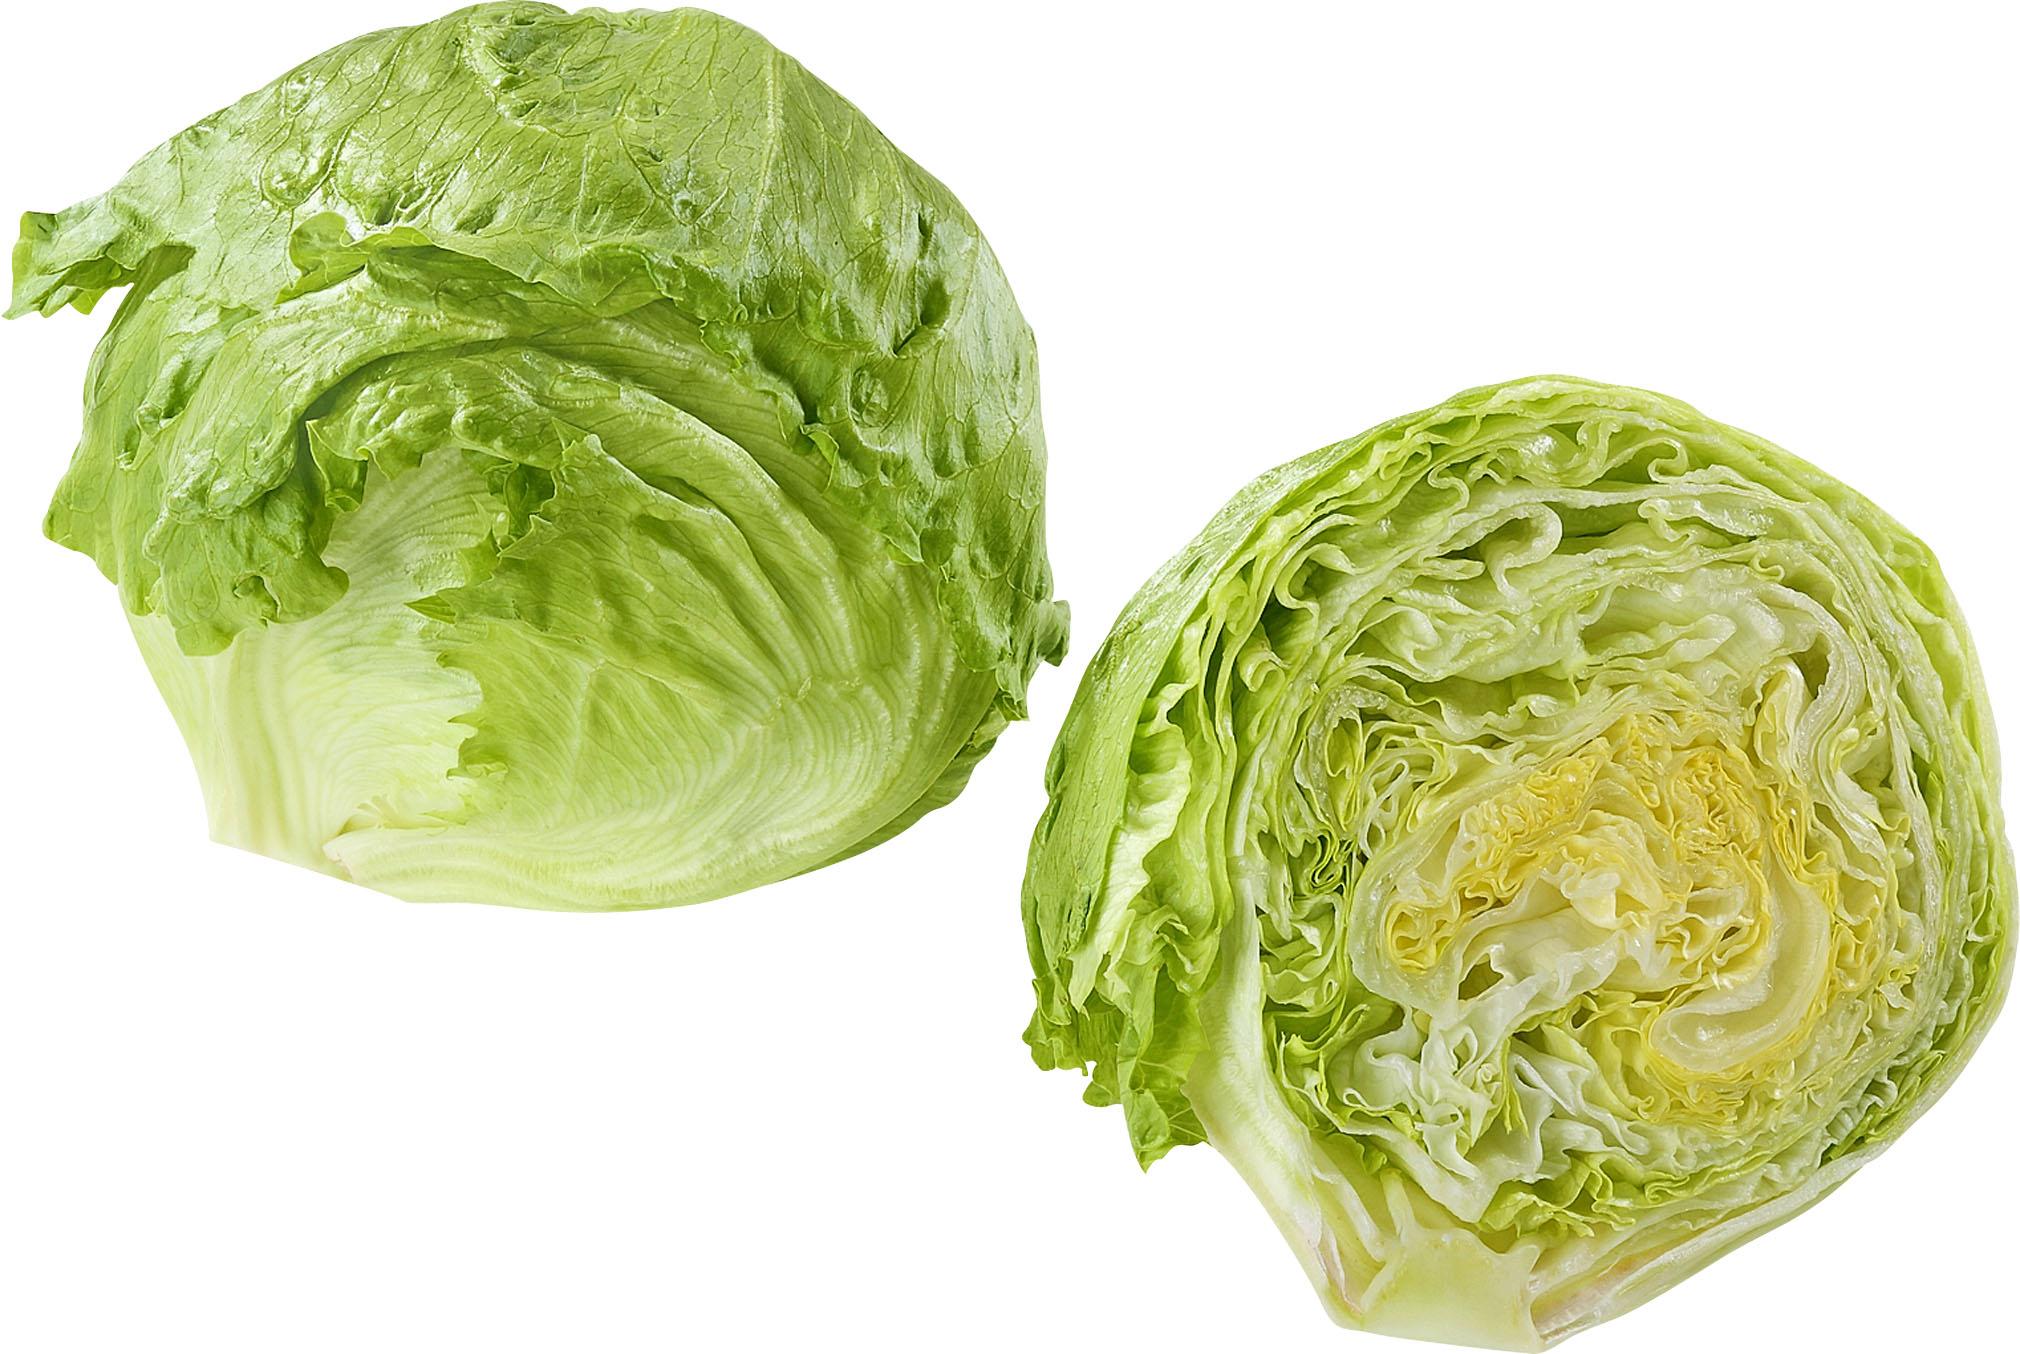 [Kaufland] Eisbergsalat für 0,55 und Knorr Salatsauce je 5-Btl.-Packg. 0,75 und bei [Penny] Tomaten 1,49 das KG !